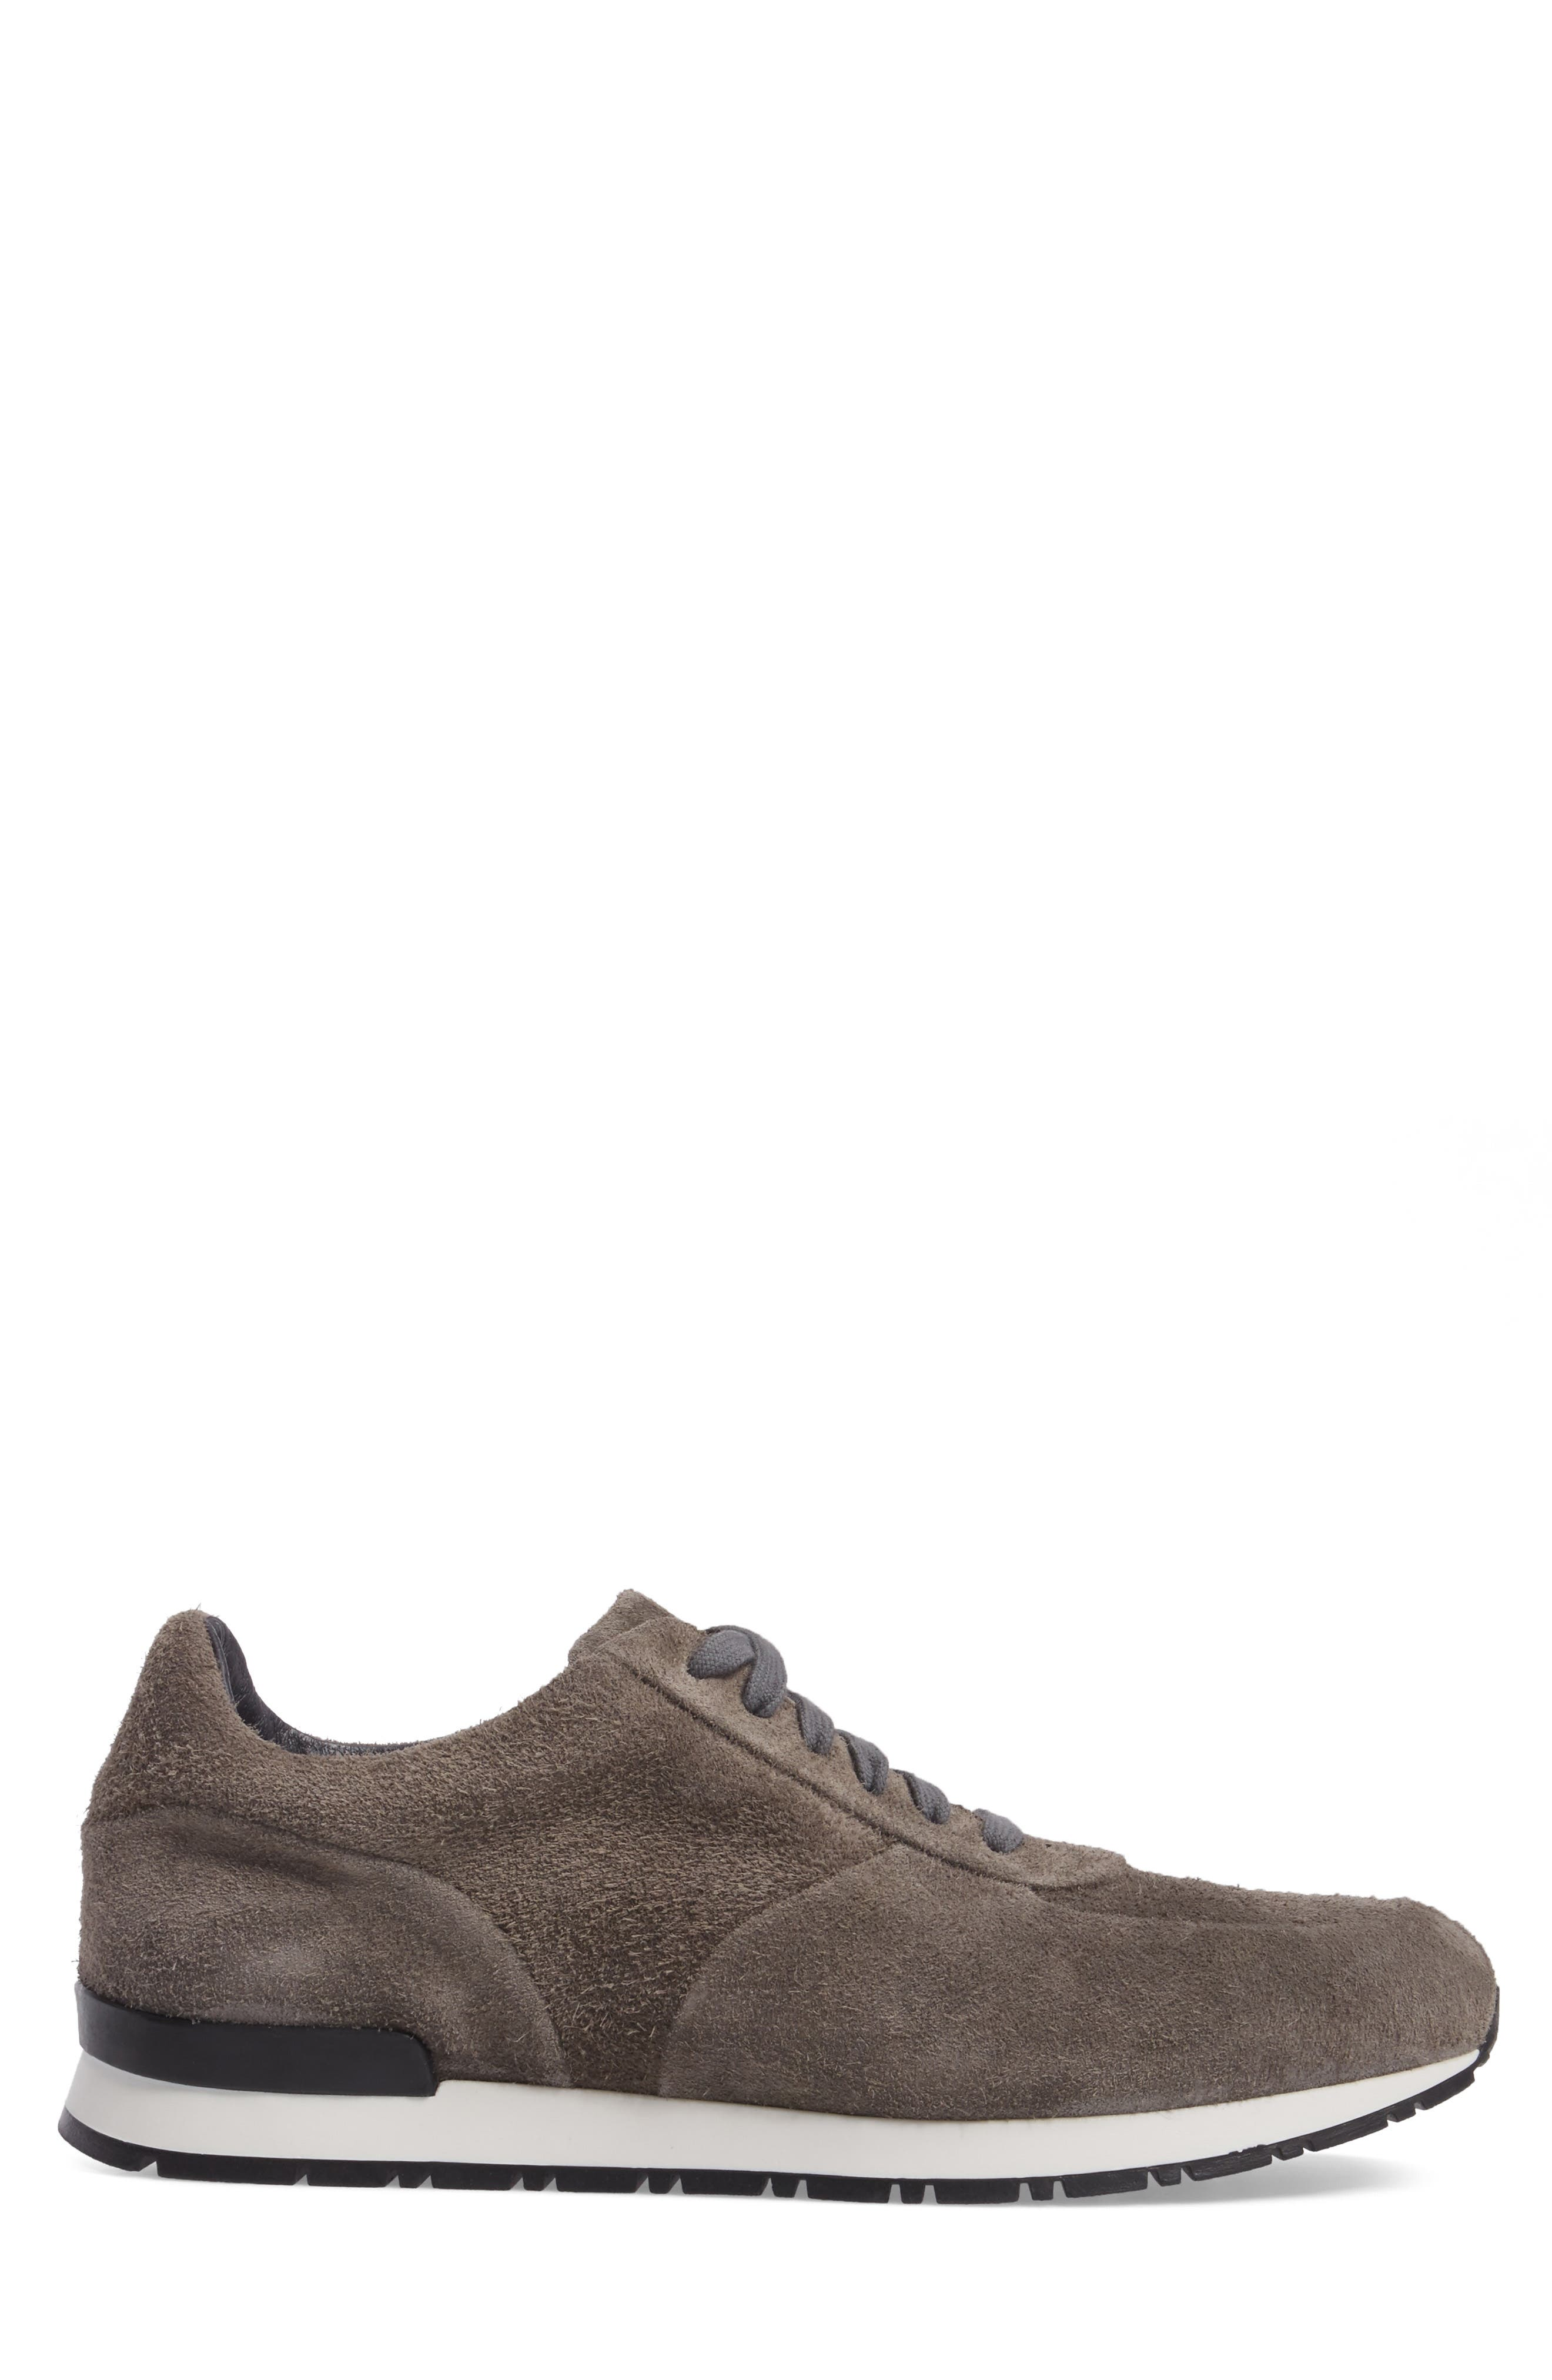 Hairy Sneaker,                             Alternate thumbnail 3, color,                             064